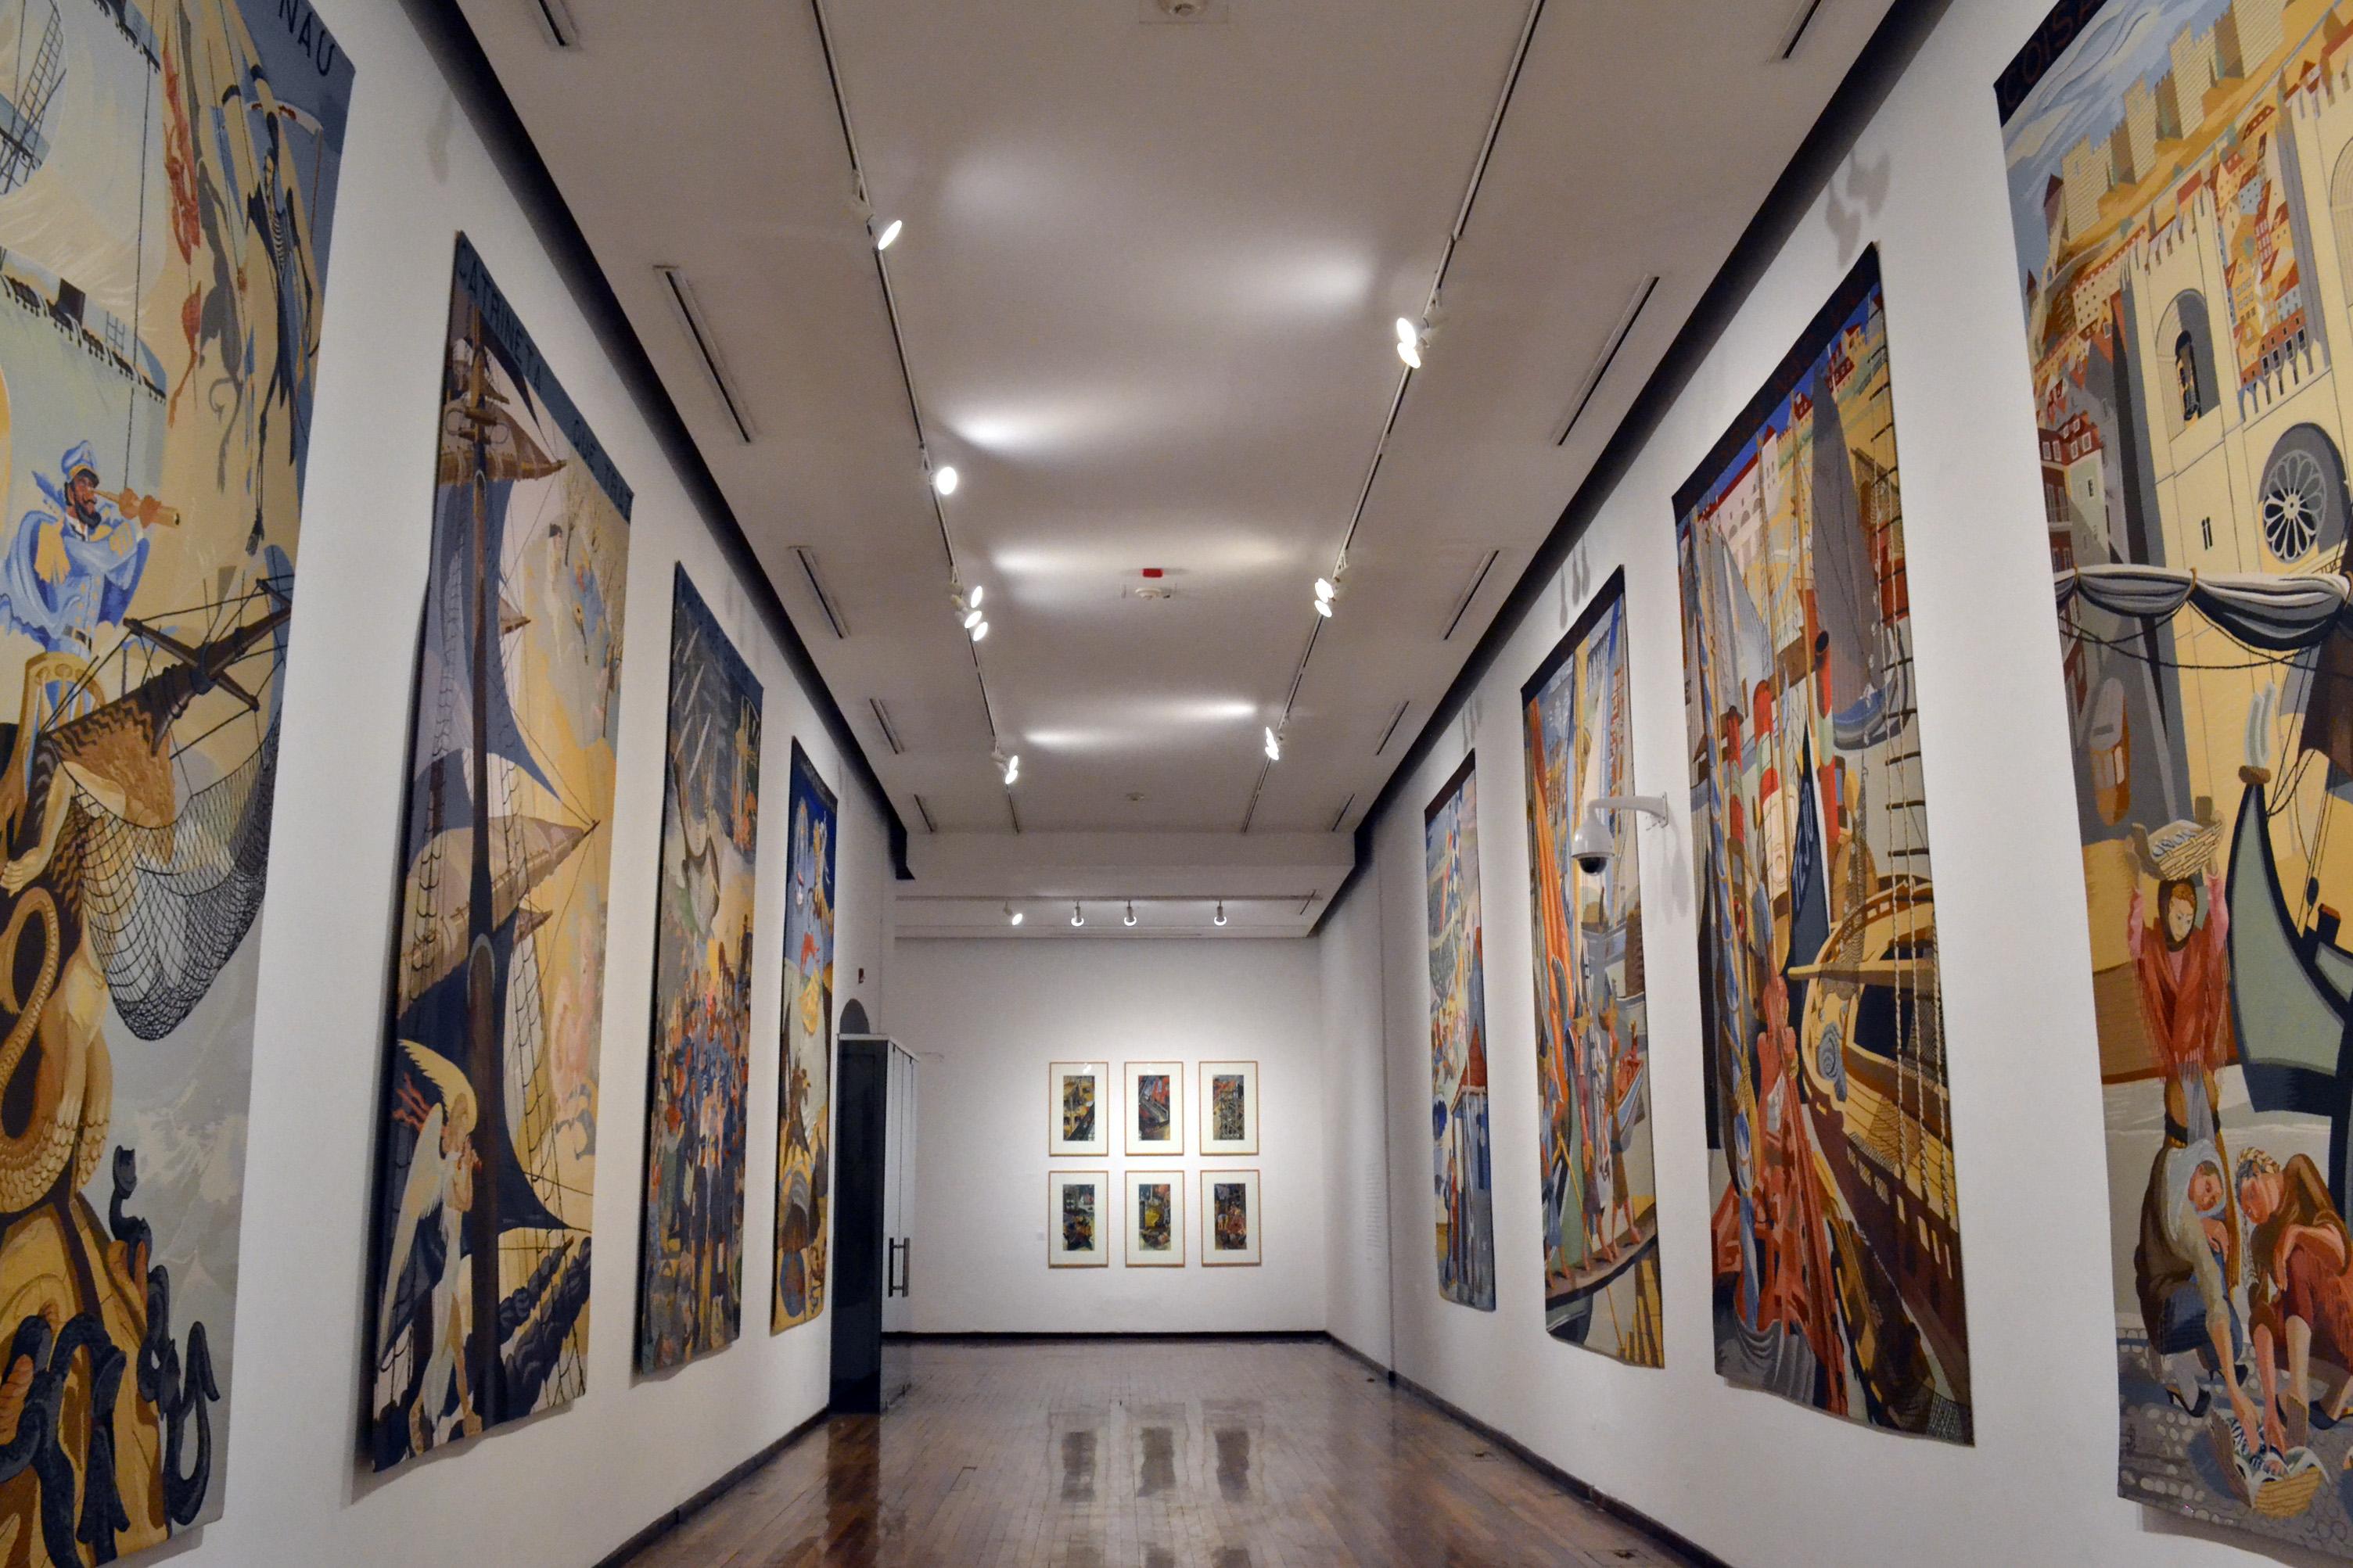 Llega la obra del muralista Almada Negreiros al Instituto Cultural Cabañas